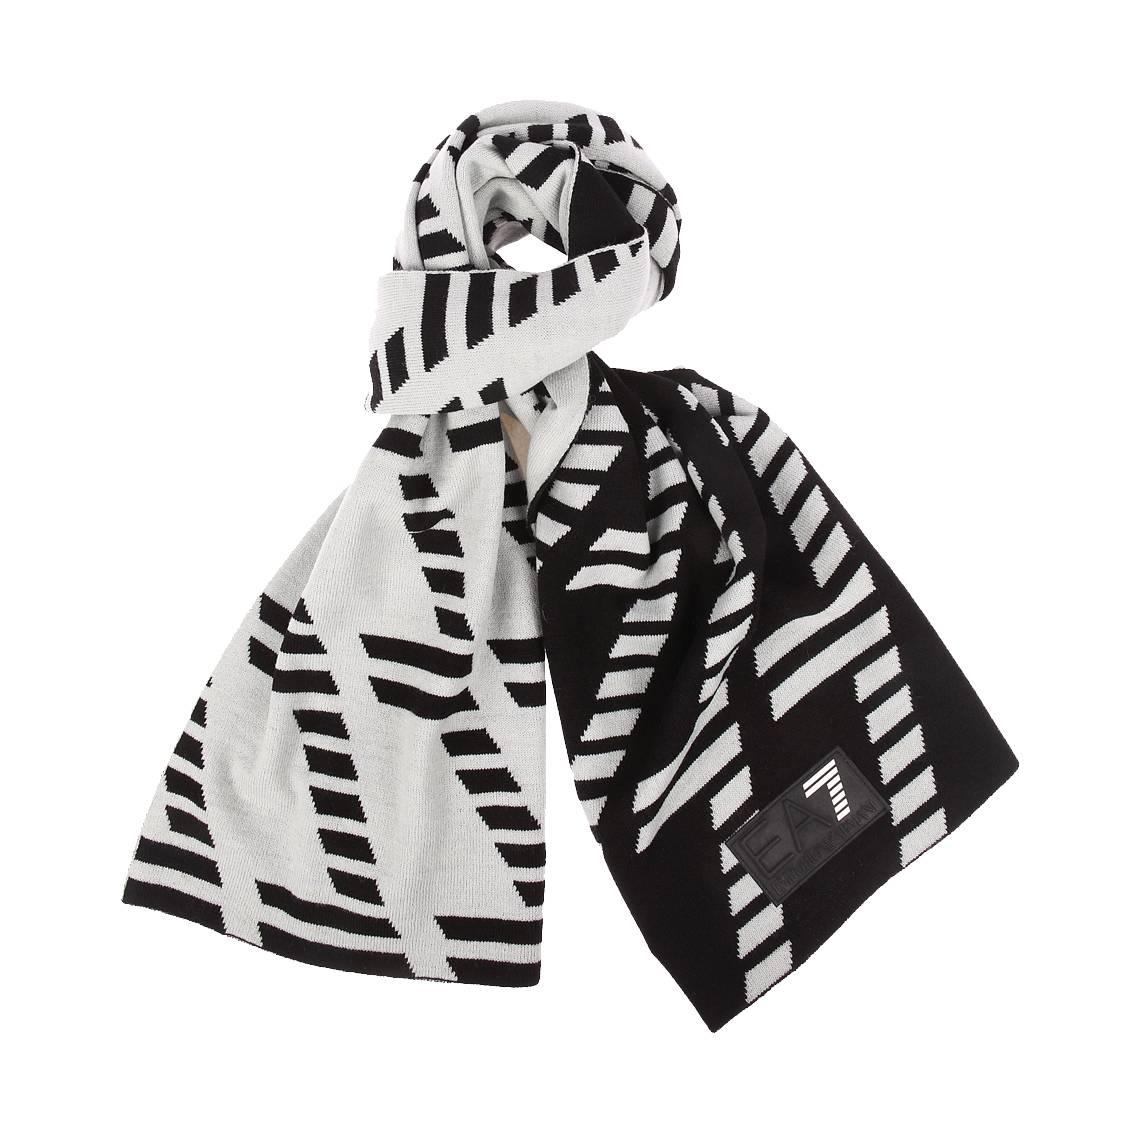 Echarpe réversible  noire et blanche, monogrammée de \